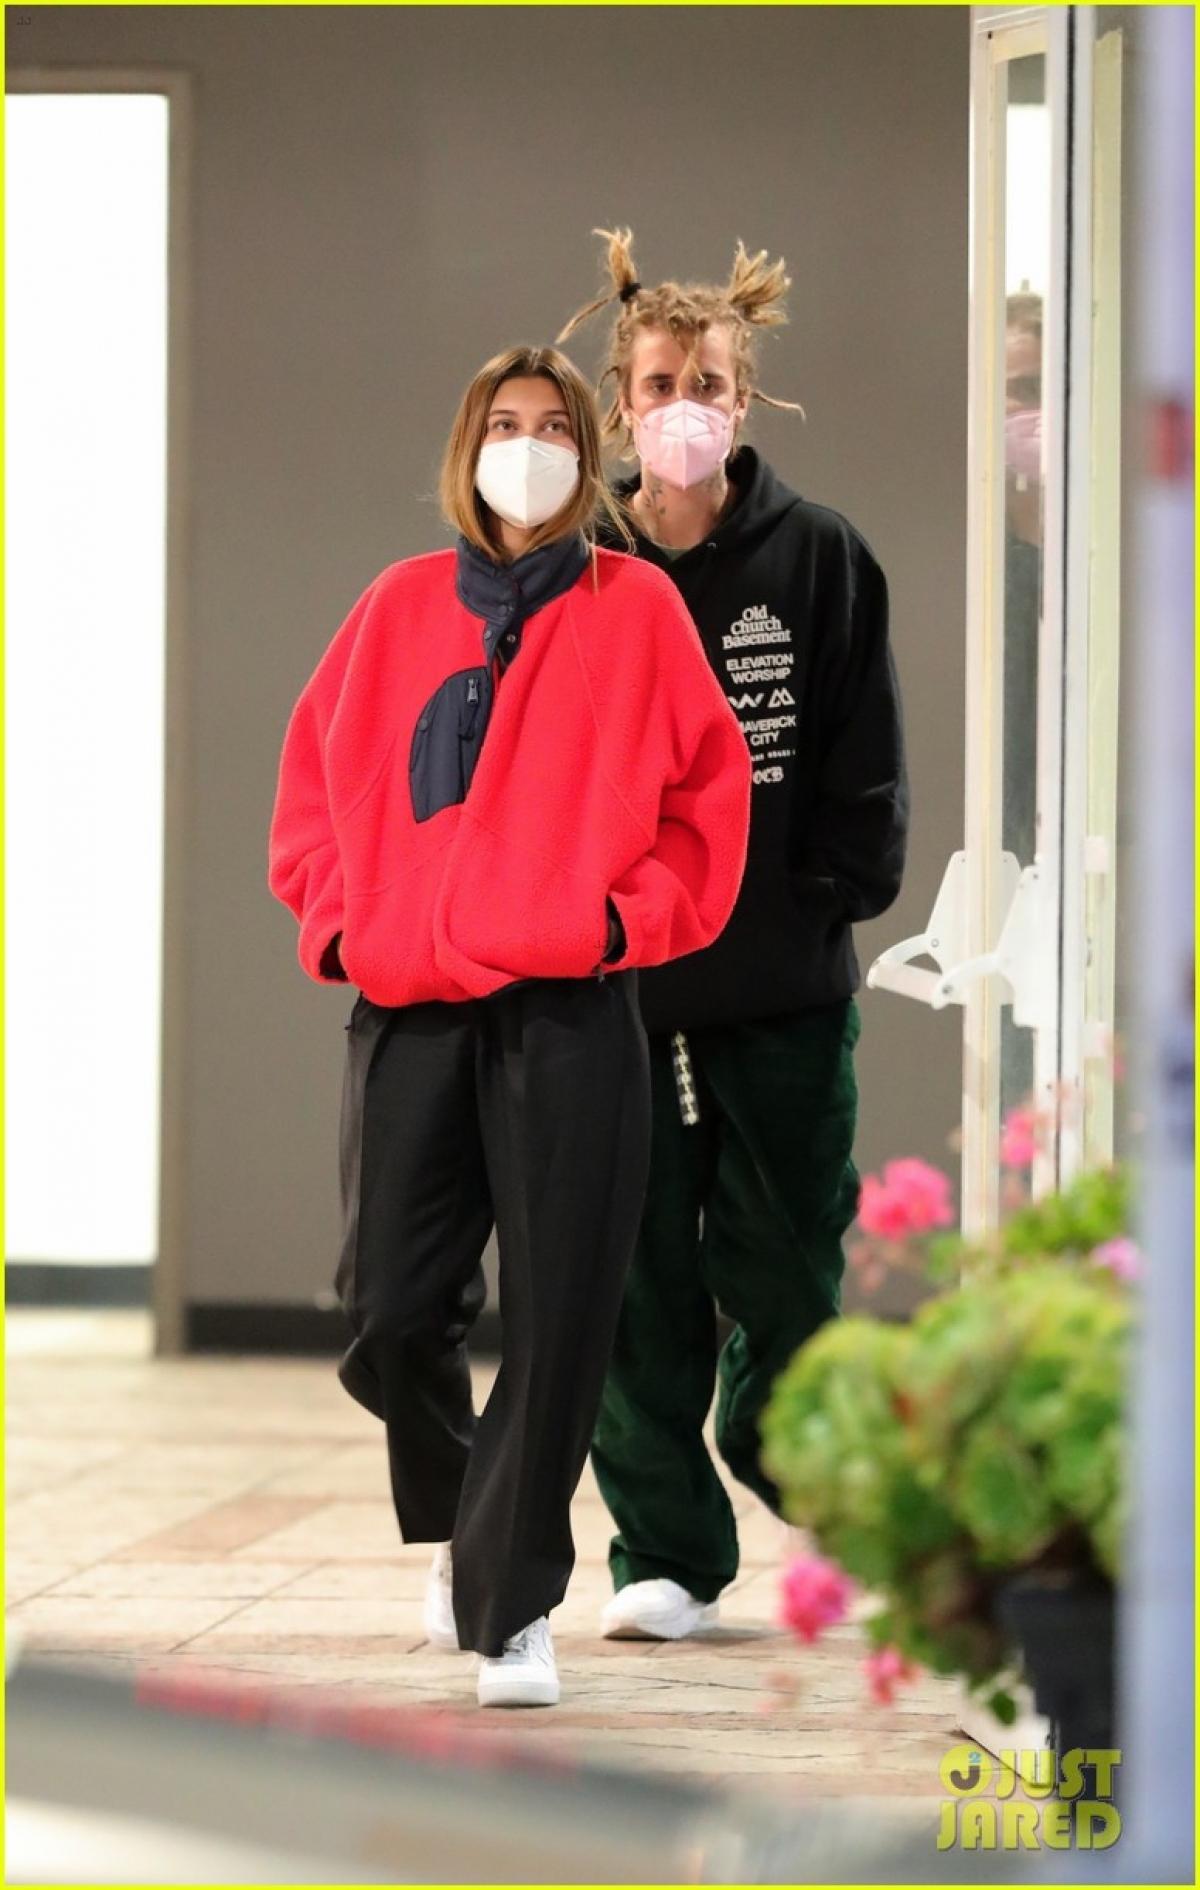 Justin Bieber thừa nhận rằng khó khăn lớn nhất đến từ năm đầu tiên khi hai người chưa thực sự vượt qua được những vấn đề trong quá khứ.